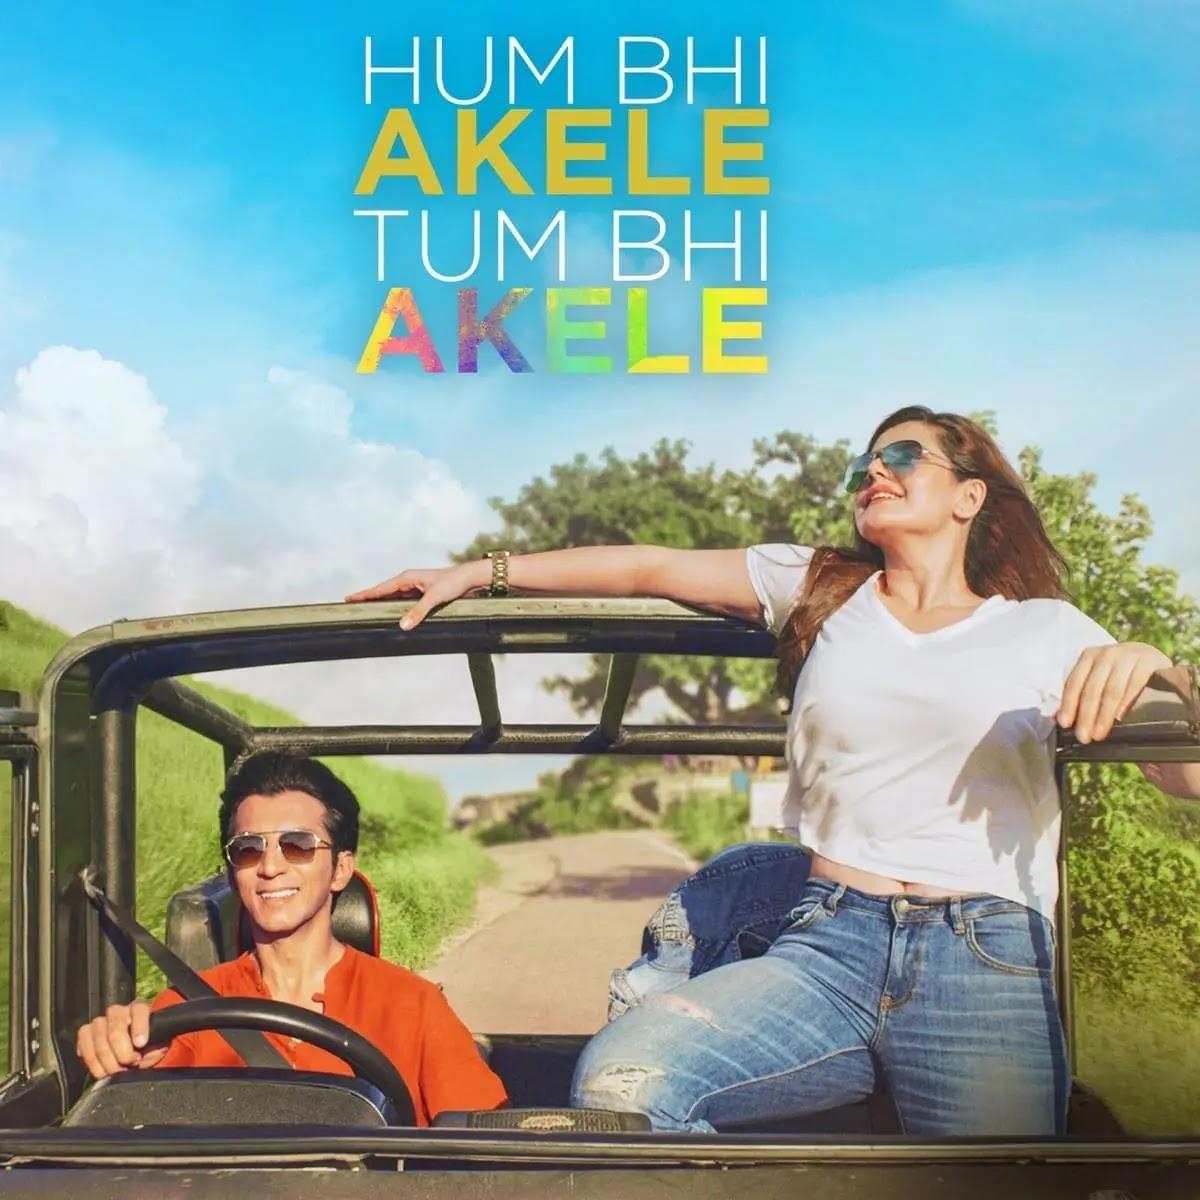 Hai Nahin Hum Bhi Akele Tum Bhi Akele Song Download MP3 320kbps